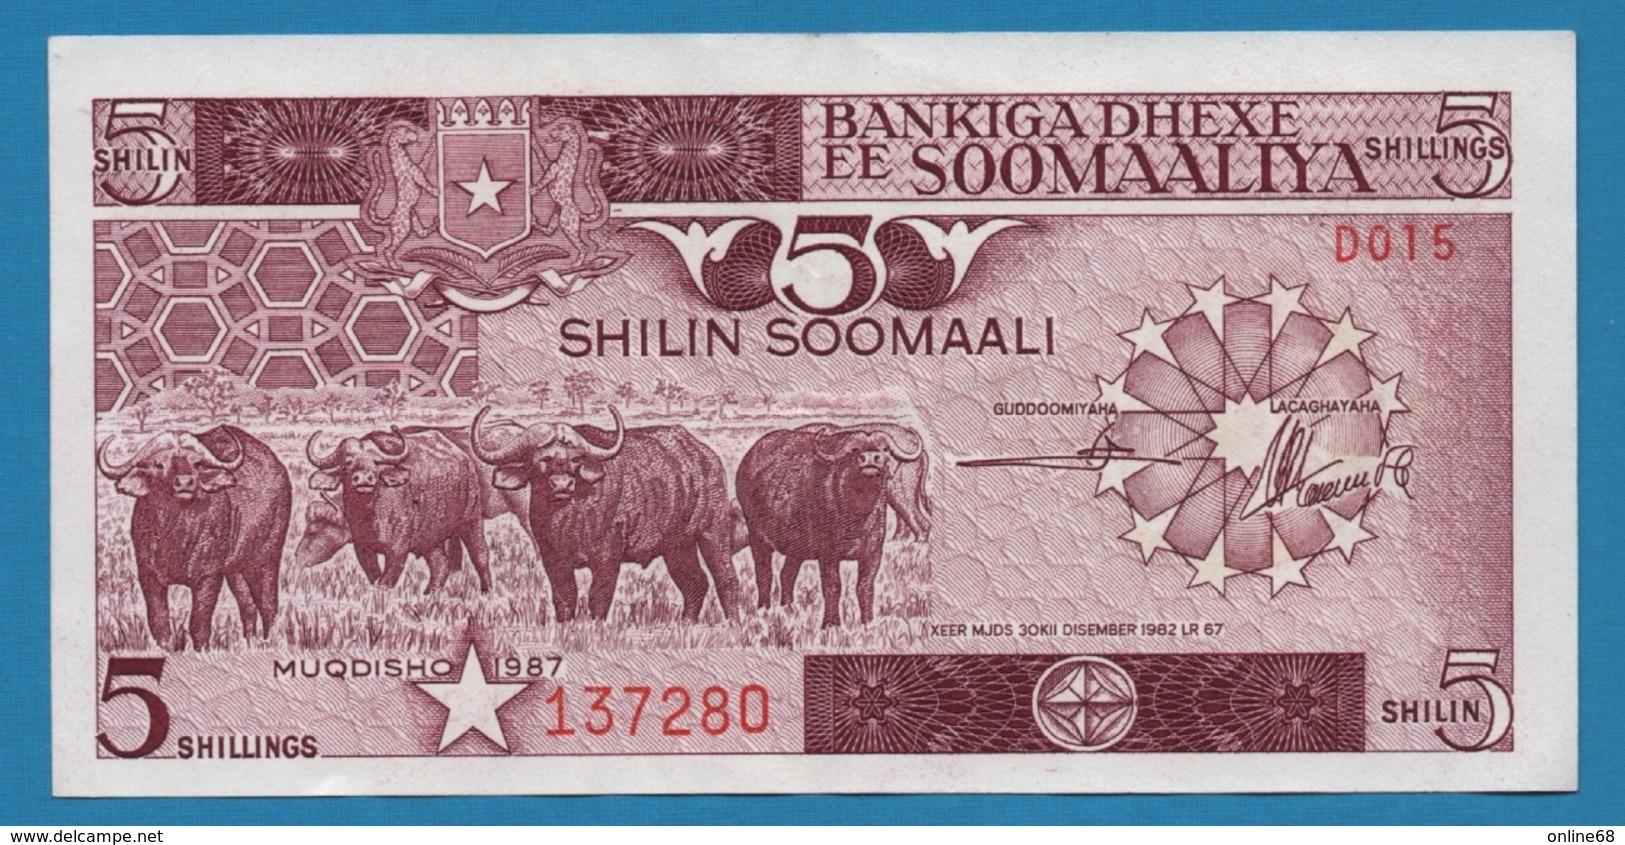 SOMALIA 5 Shilin Soomaali1987# D015 137280 P# 31c - Somalia